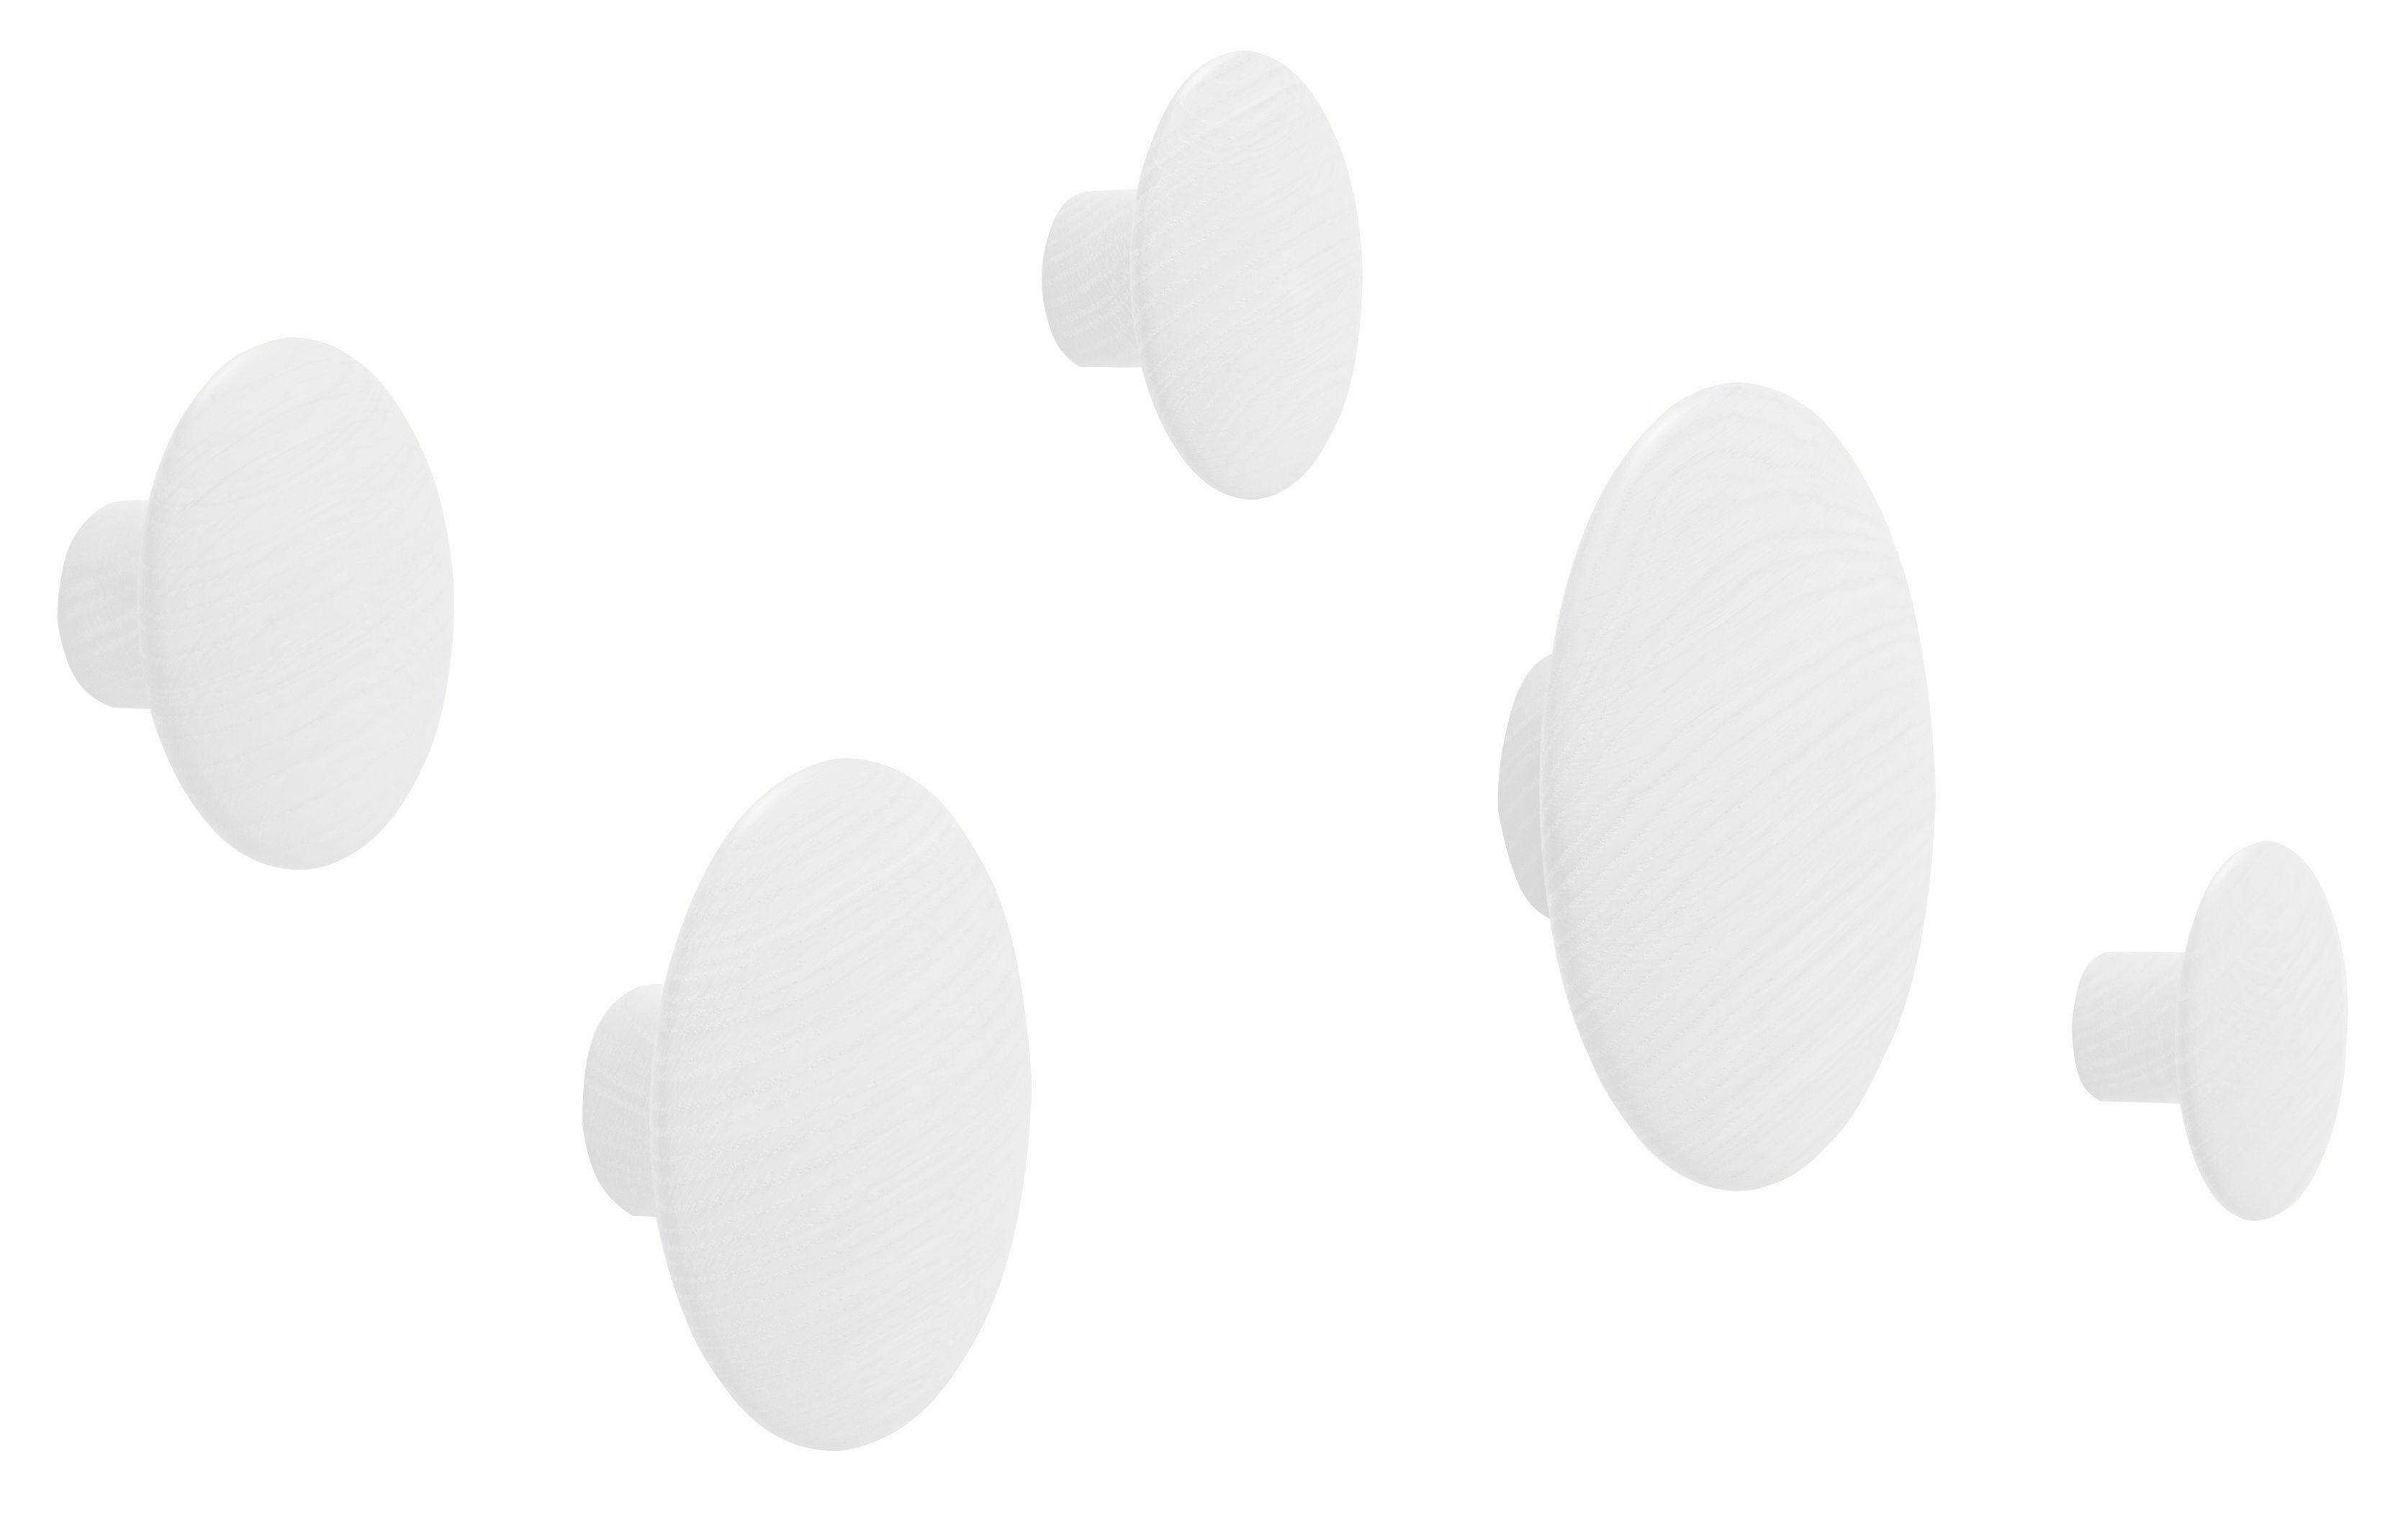 Möbel - Garderoben und Kleiderhaken - The Dots Wood Wandhaken 5 Stück - Muuto - Weiß - bemalte Esche